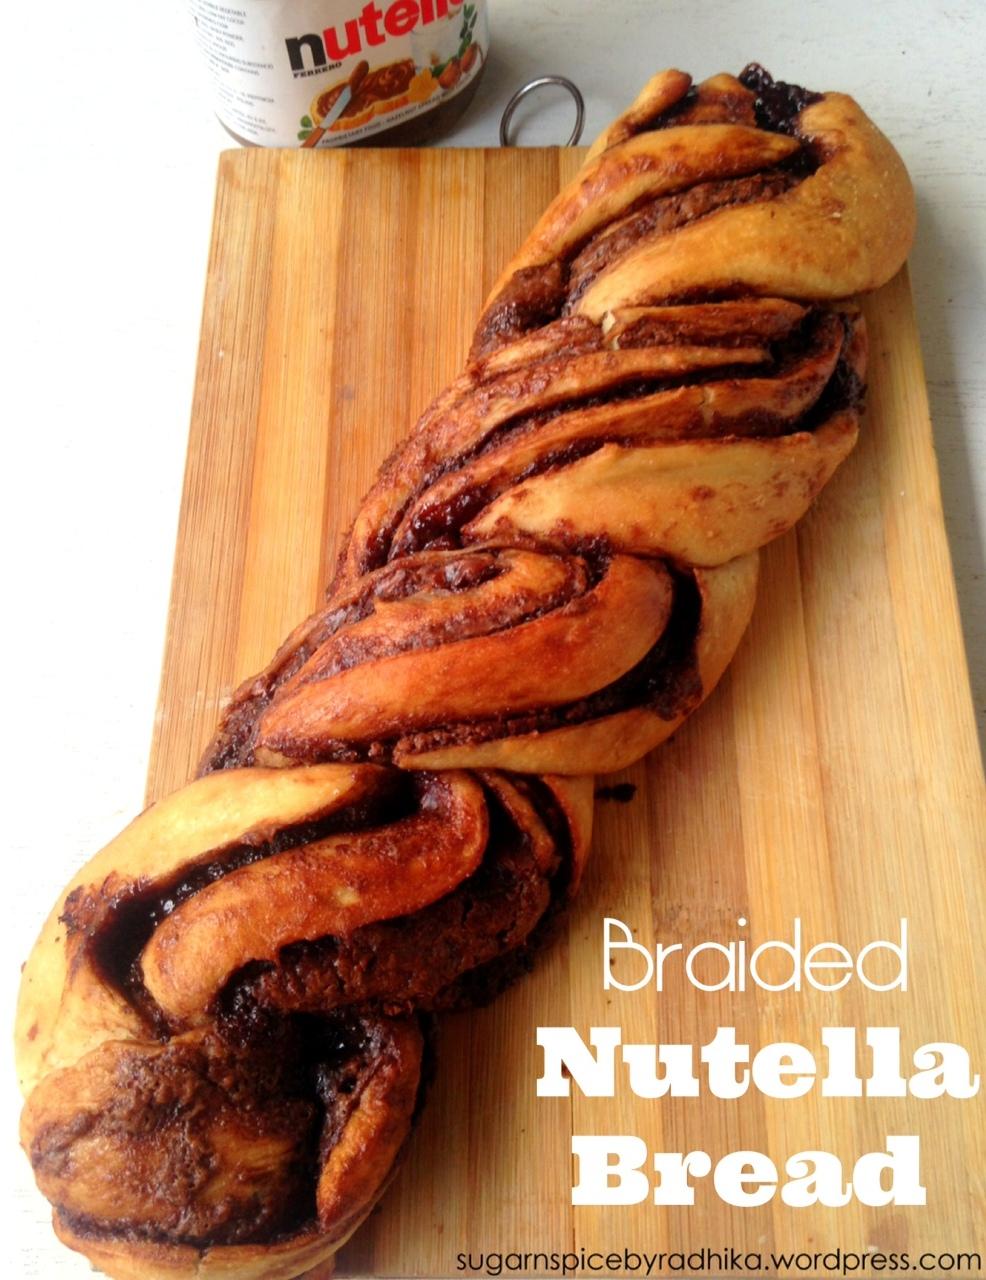 RECIPE: Braided Nutella Bread